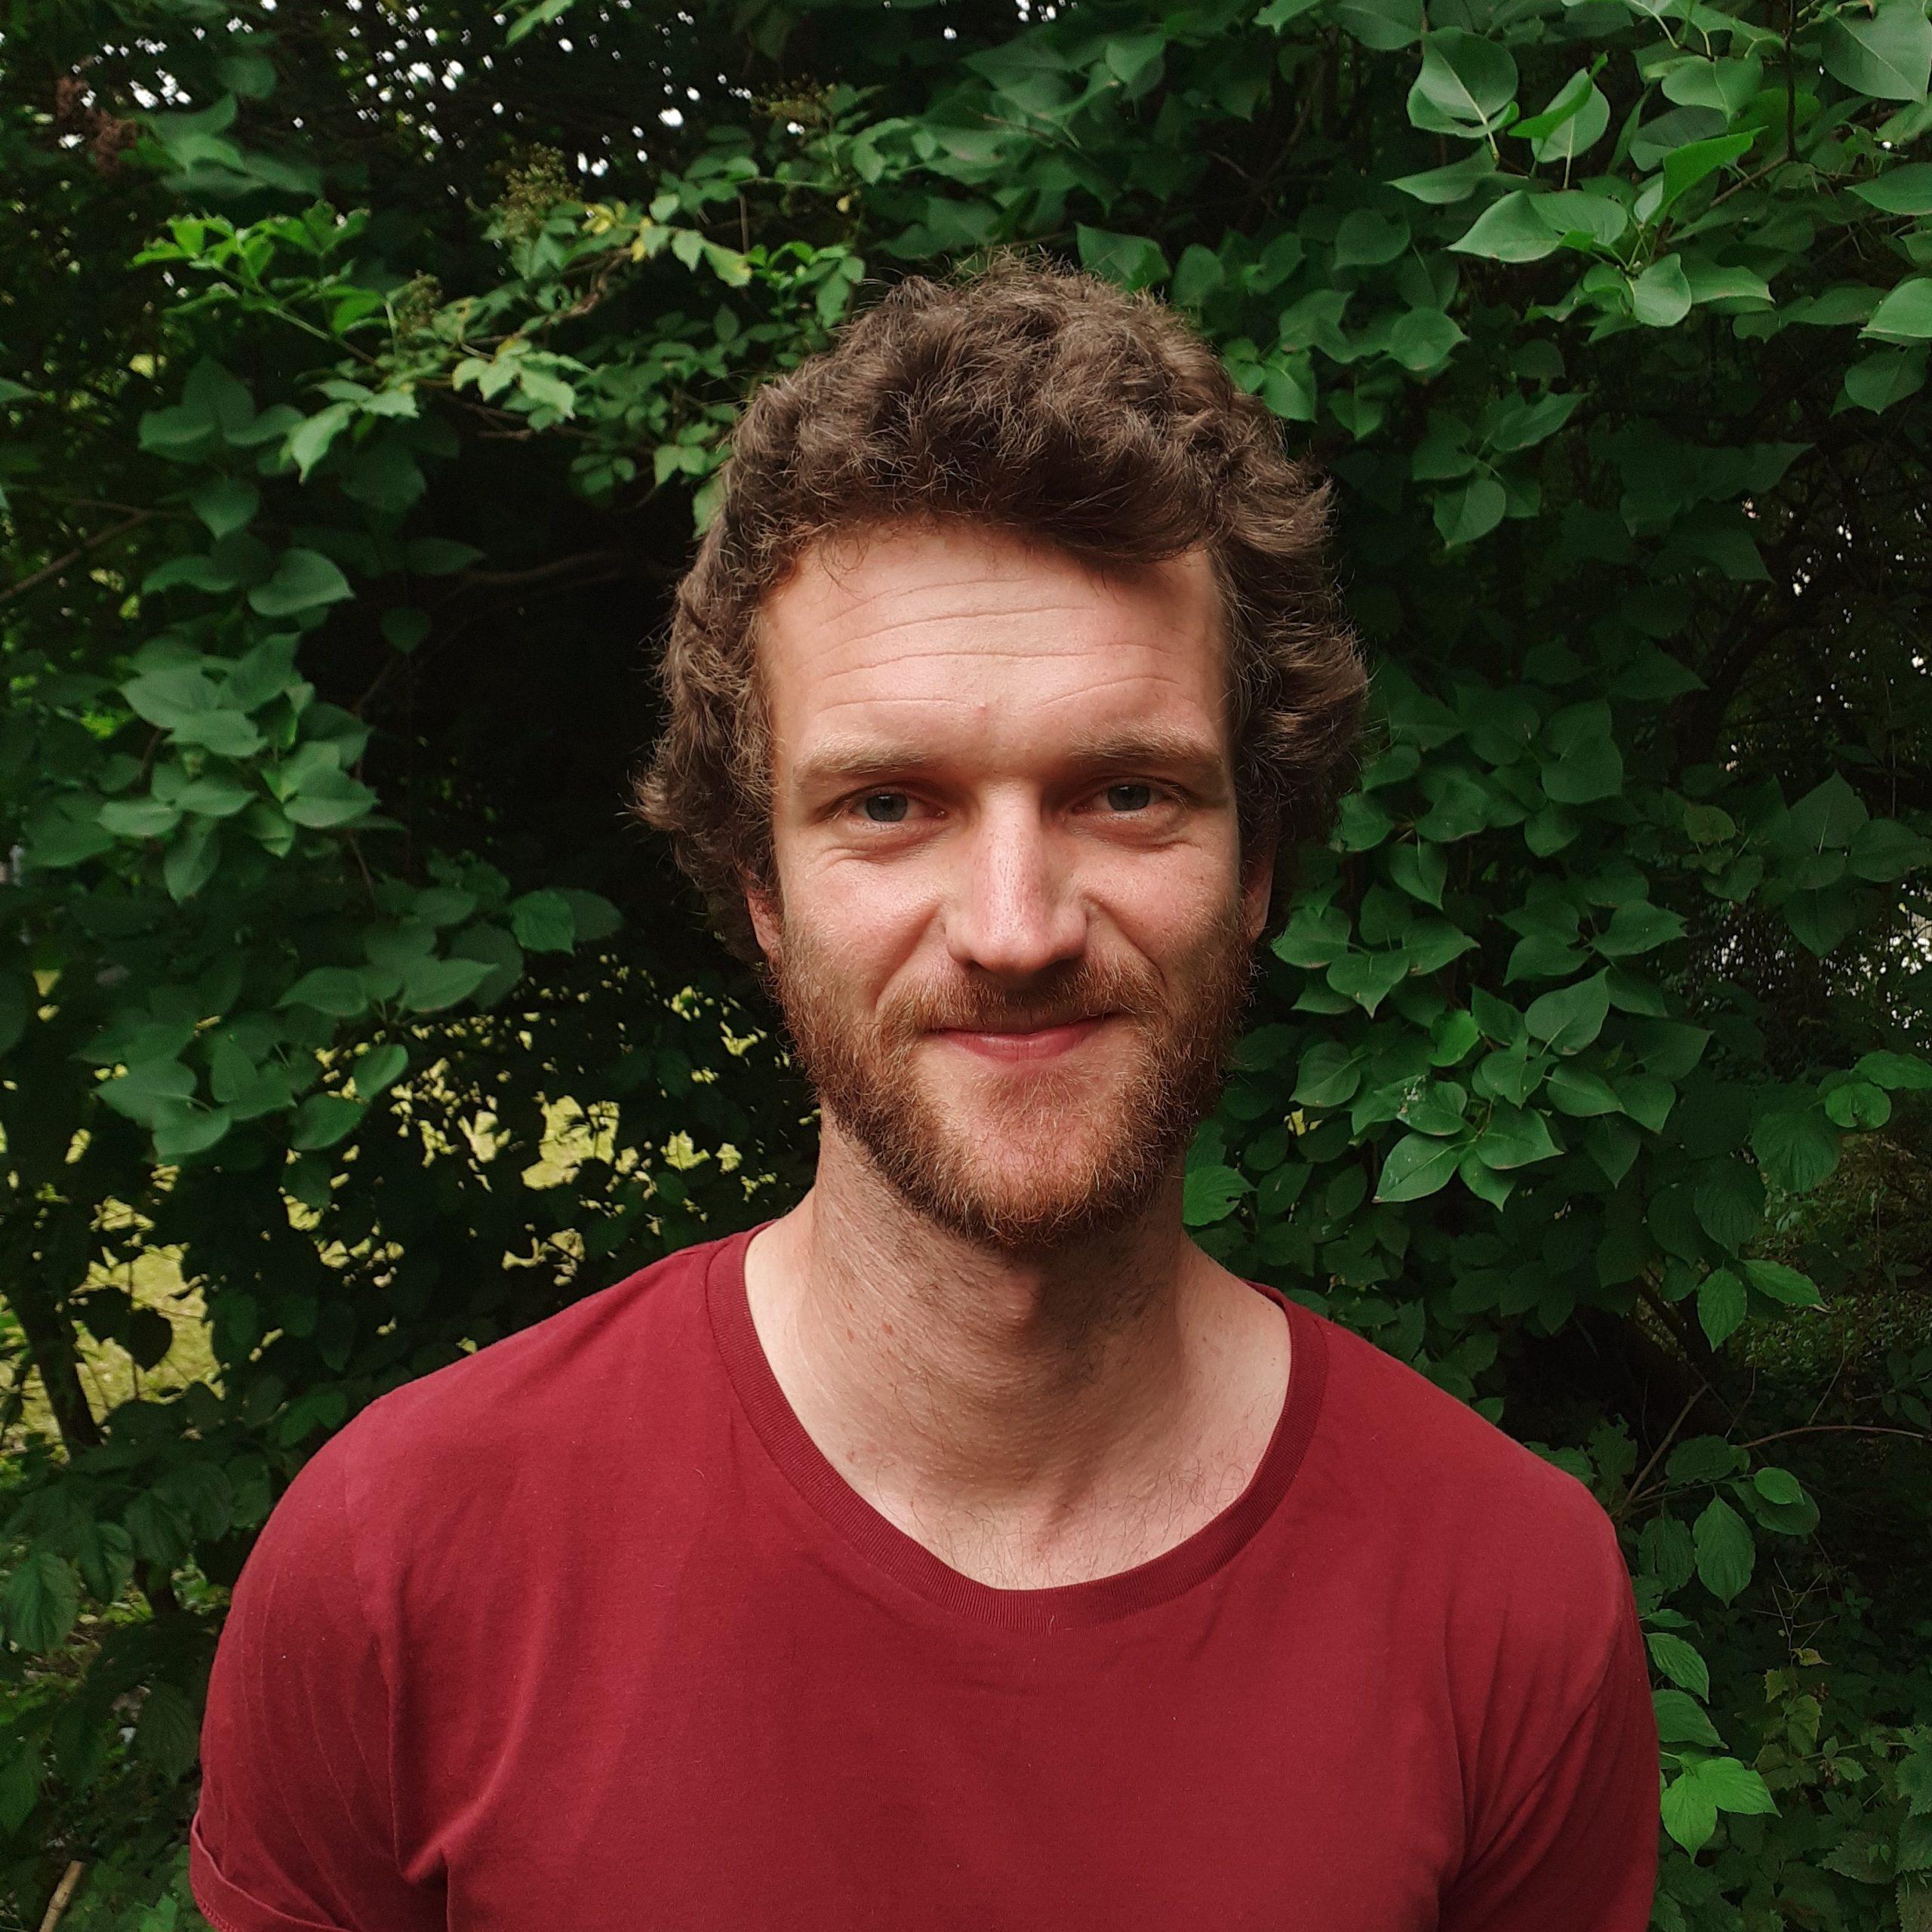 Lukas Emrich